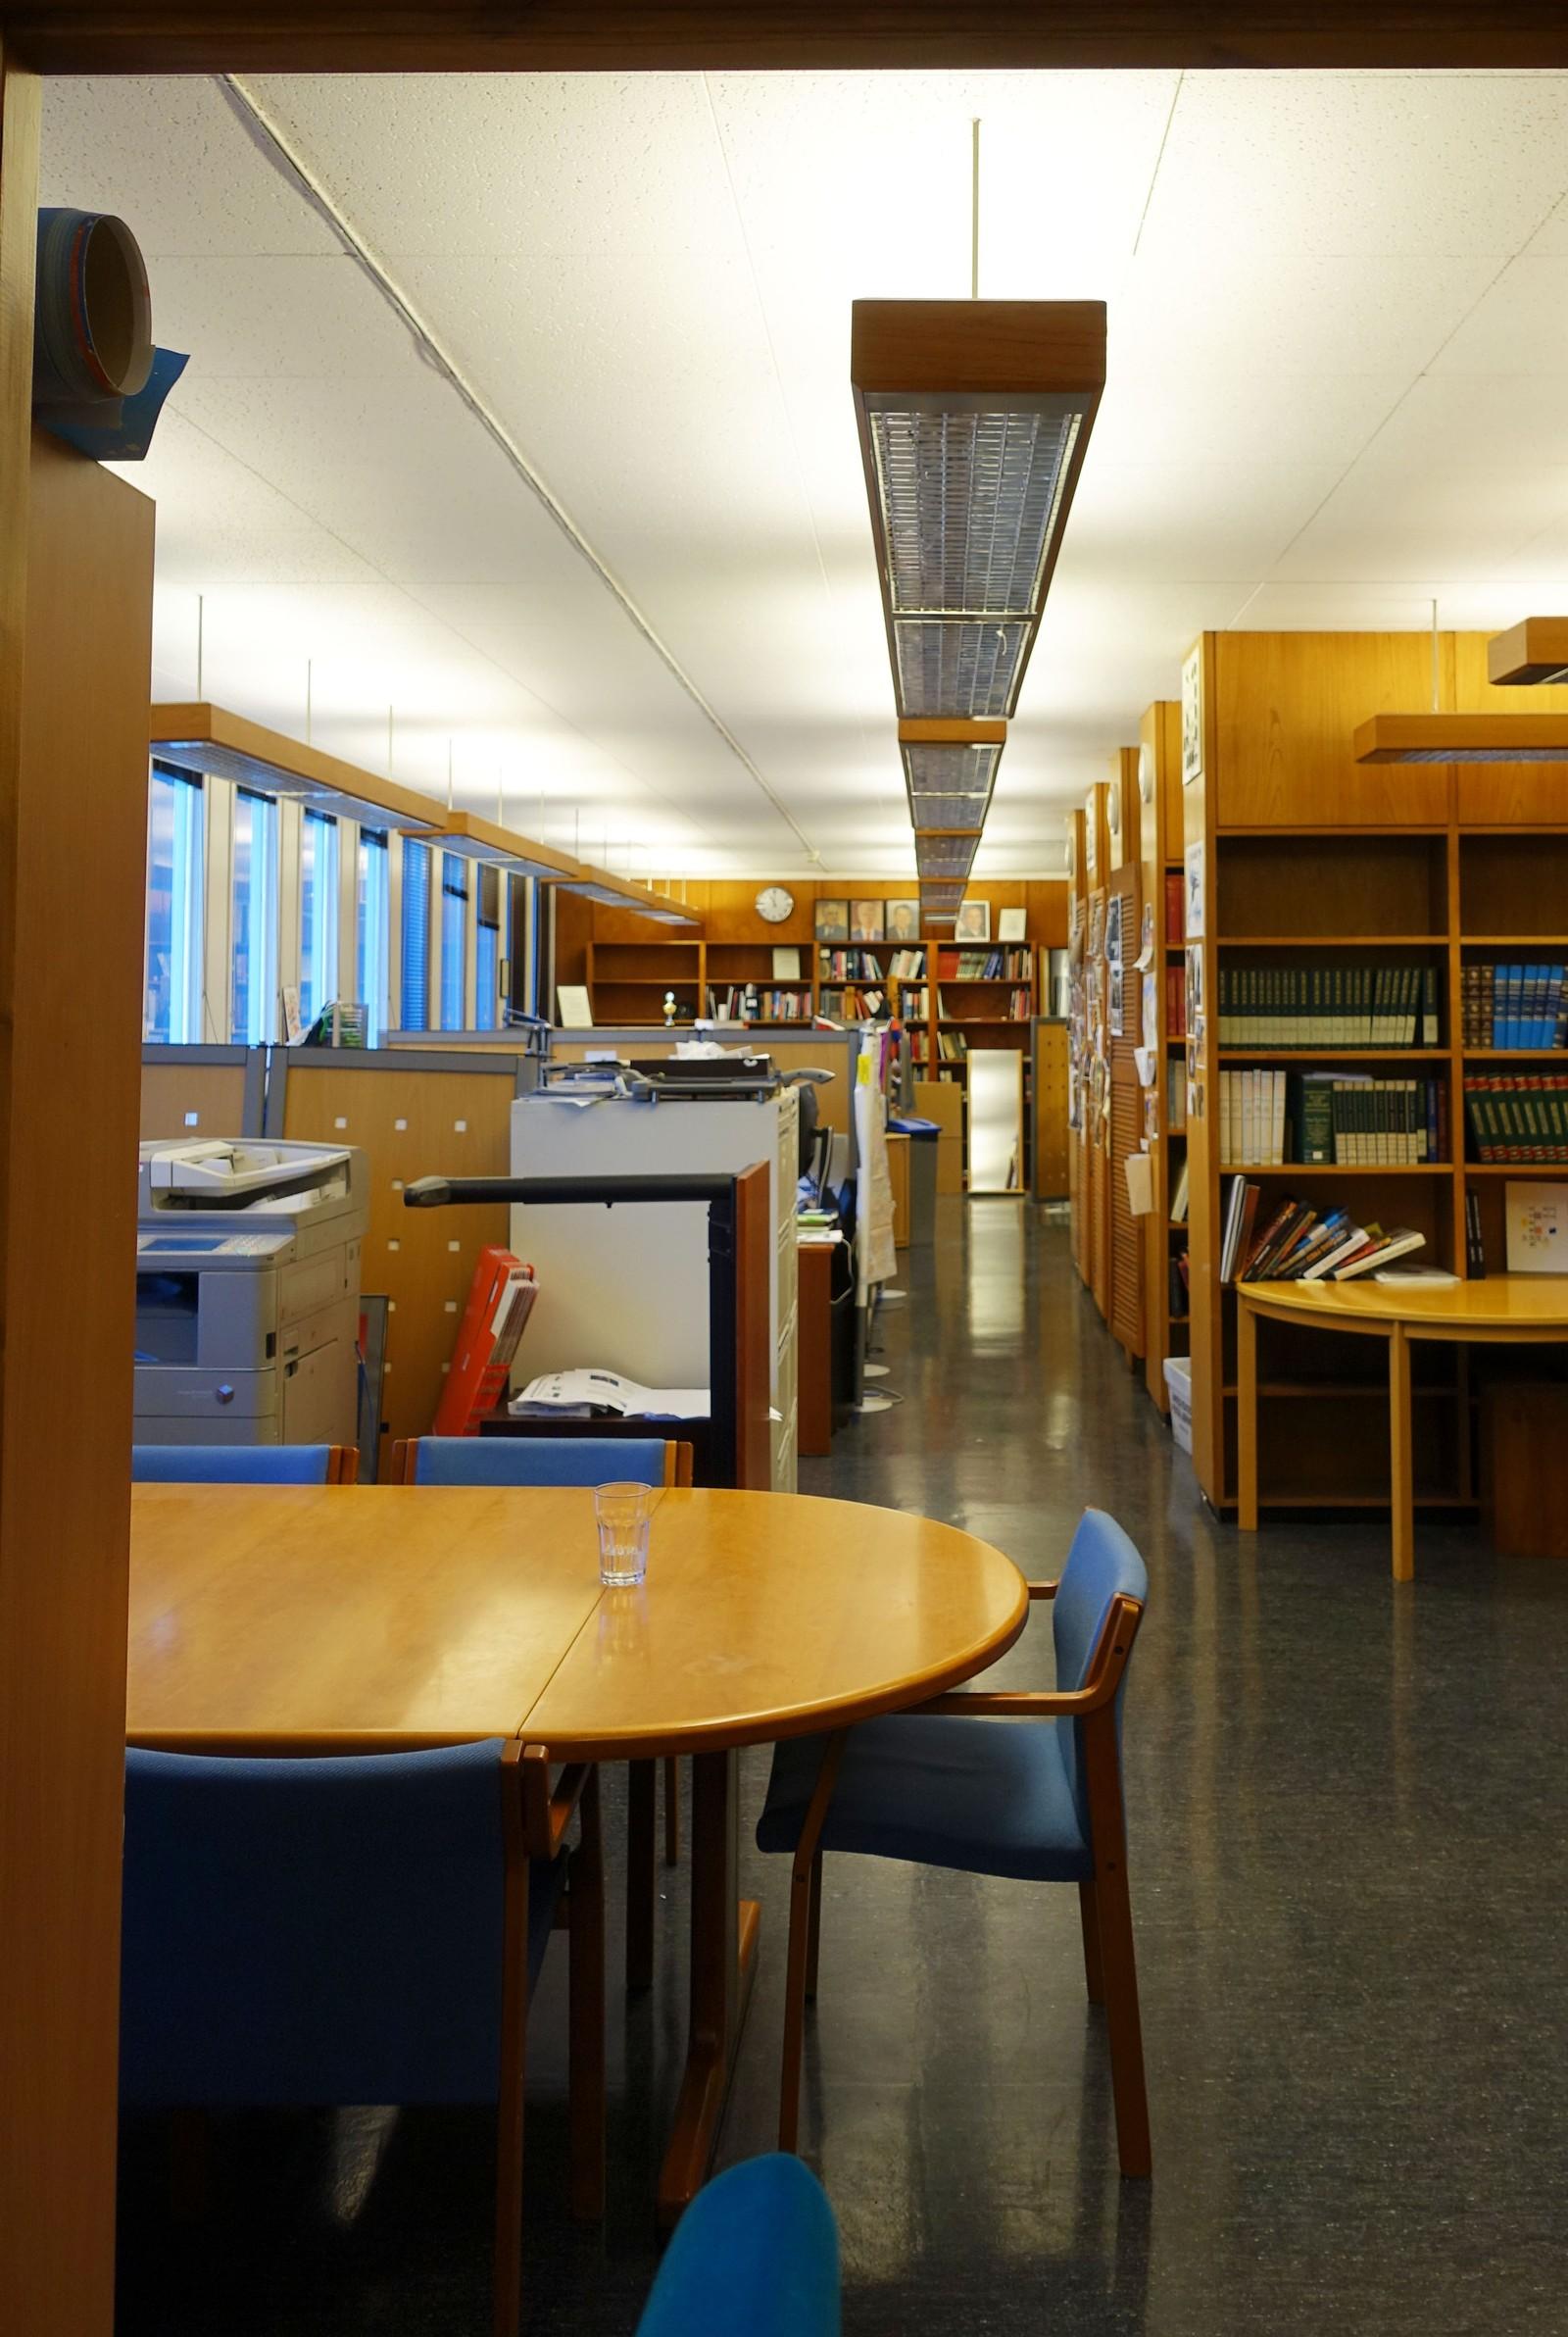 Tidligere var det bibliotek i hele 2. etasje i bygget. Reolene, også de i teak, gikk rundt hele den ene siden i etasjen. Her var det 20.000 titler, og biblioteket var åpent for publikum. Her var det også en stor platesamling med amerikansk musikk. - Jazzungdom kom hit for å høre på plater, forteller Morten Stige.